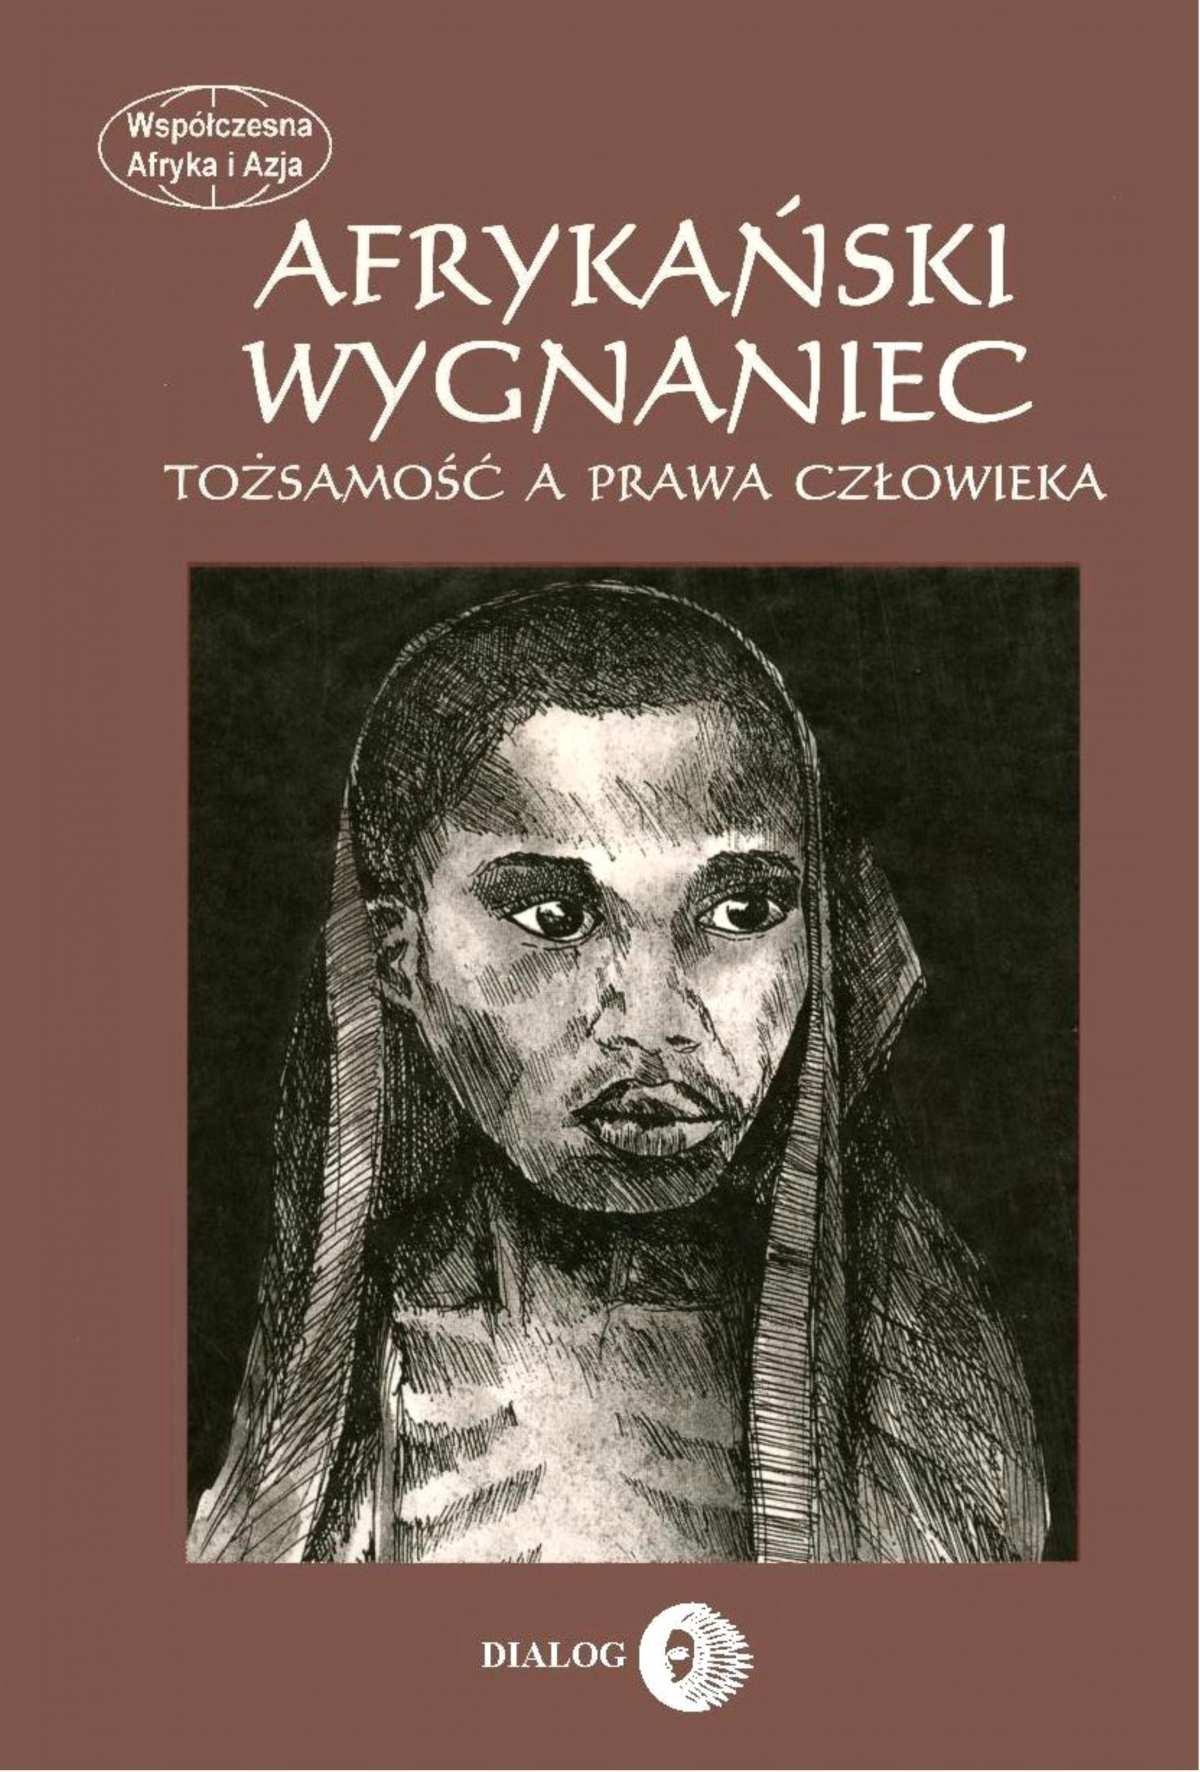 Afrykański wygnaniec. Tożsamość a prawa człowieka. - Ebook (Książka na Kindle) do pobrania w formacie MOBI